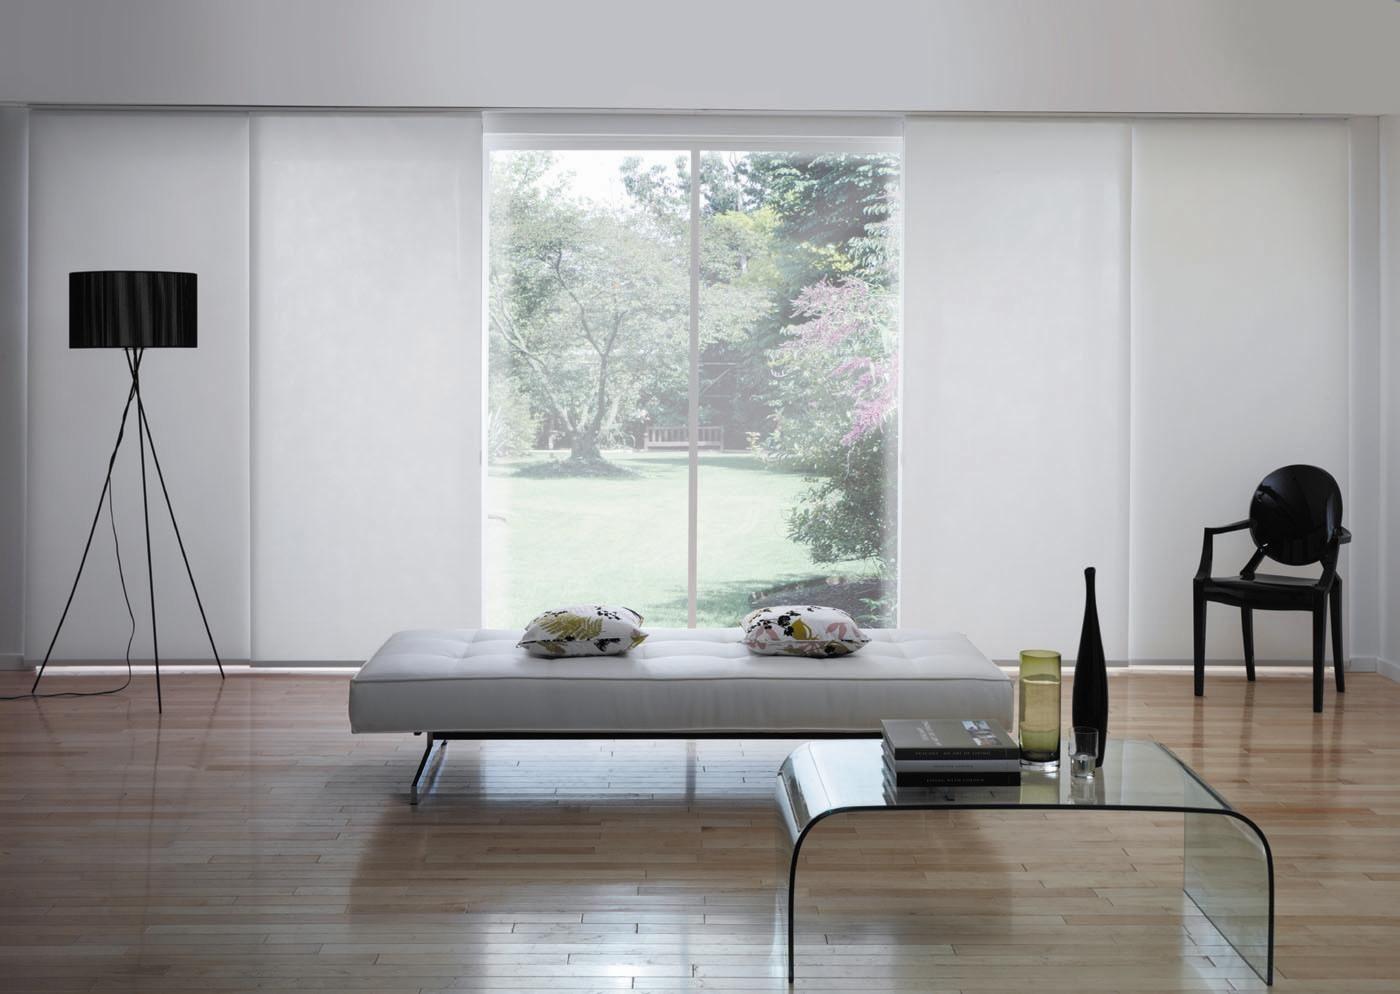 Le Tende Per Vetrate Moderne Design Therapy Idee Per Decorare La Casa Tende Vetrate Tendina